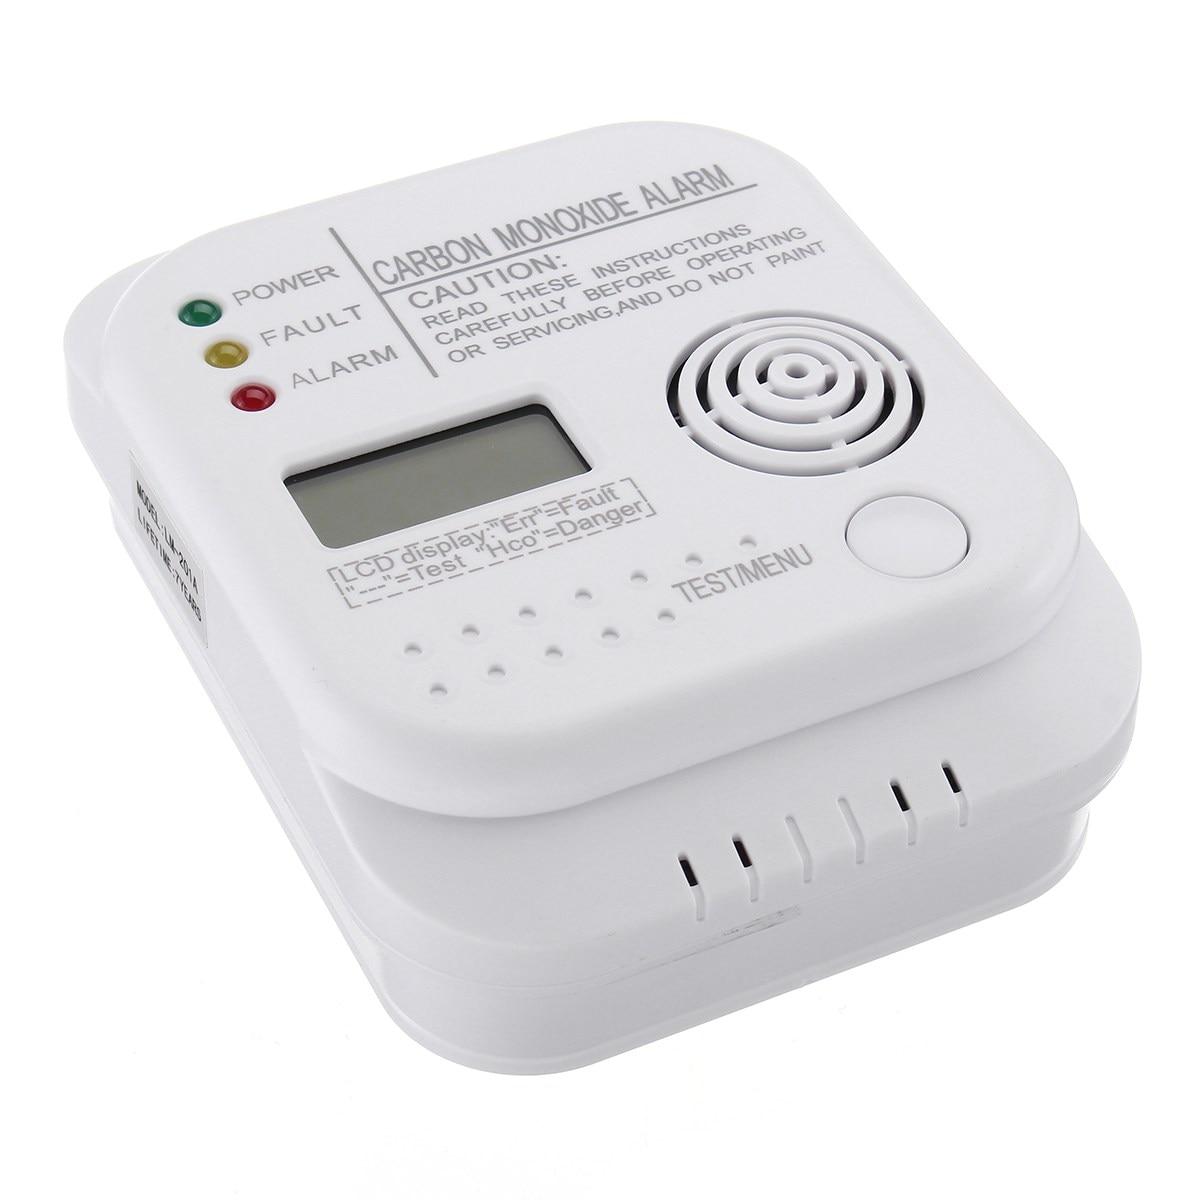 NUOVO Safurance CO Monossido di Carbonio Allarme Rivelatore A CRISTALLI LIQUIDI Digital Home Security Indepedent Sensore di Sicurezza